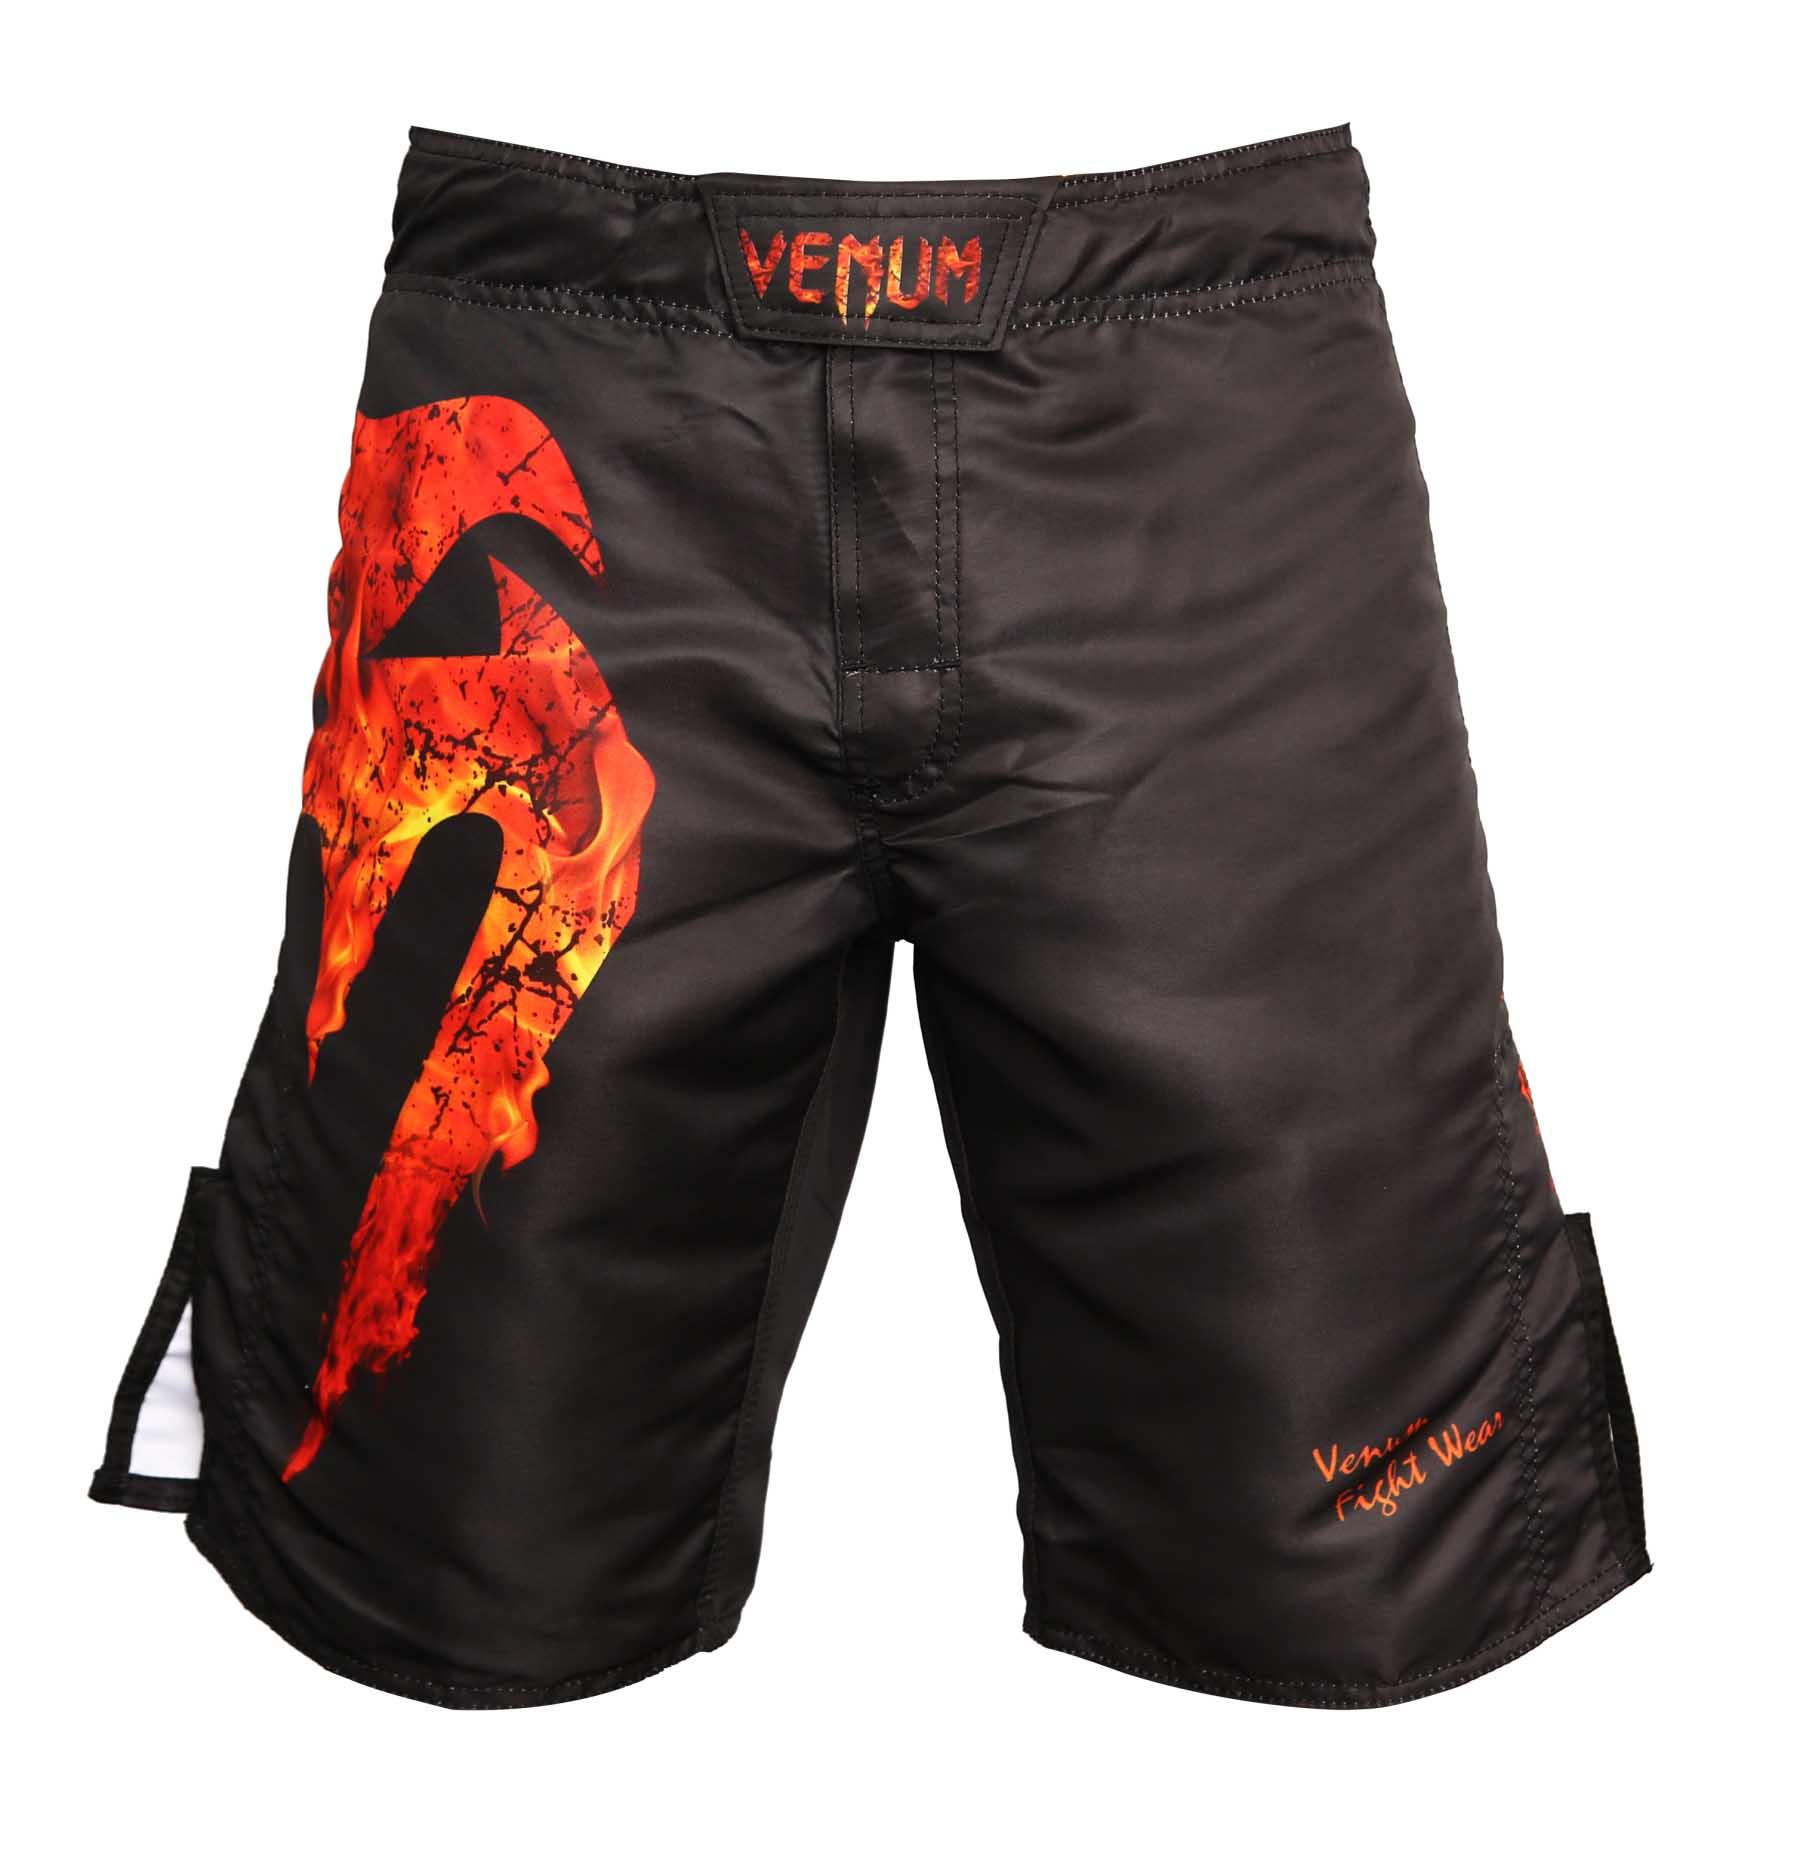 Bermuda MMA - Giant Fire - Preto/Vermelho- Venum  - Loja do Competidor